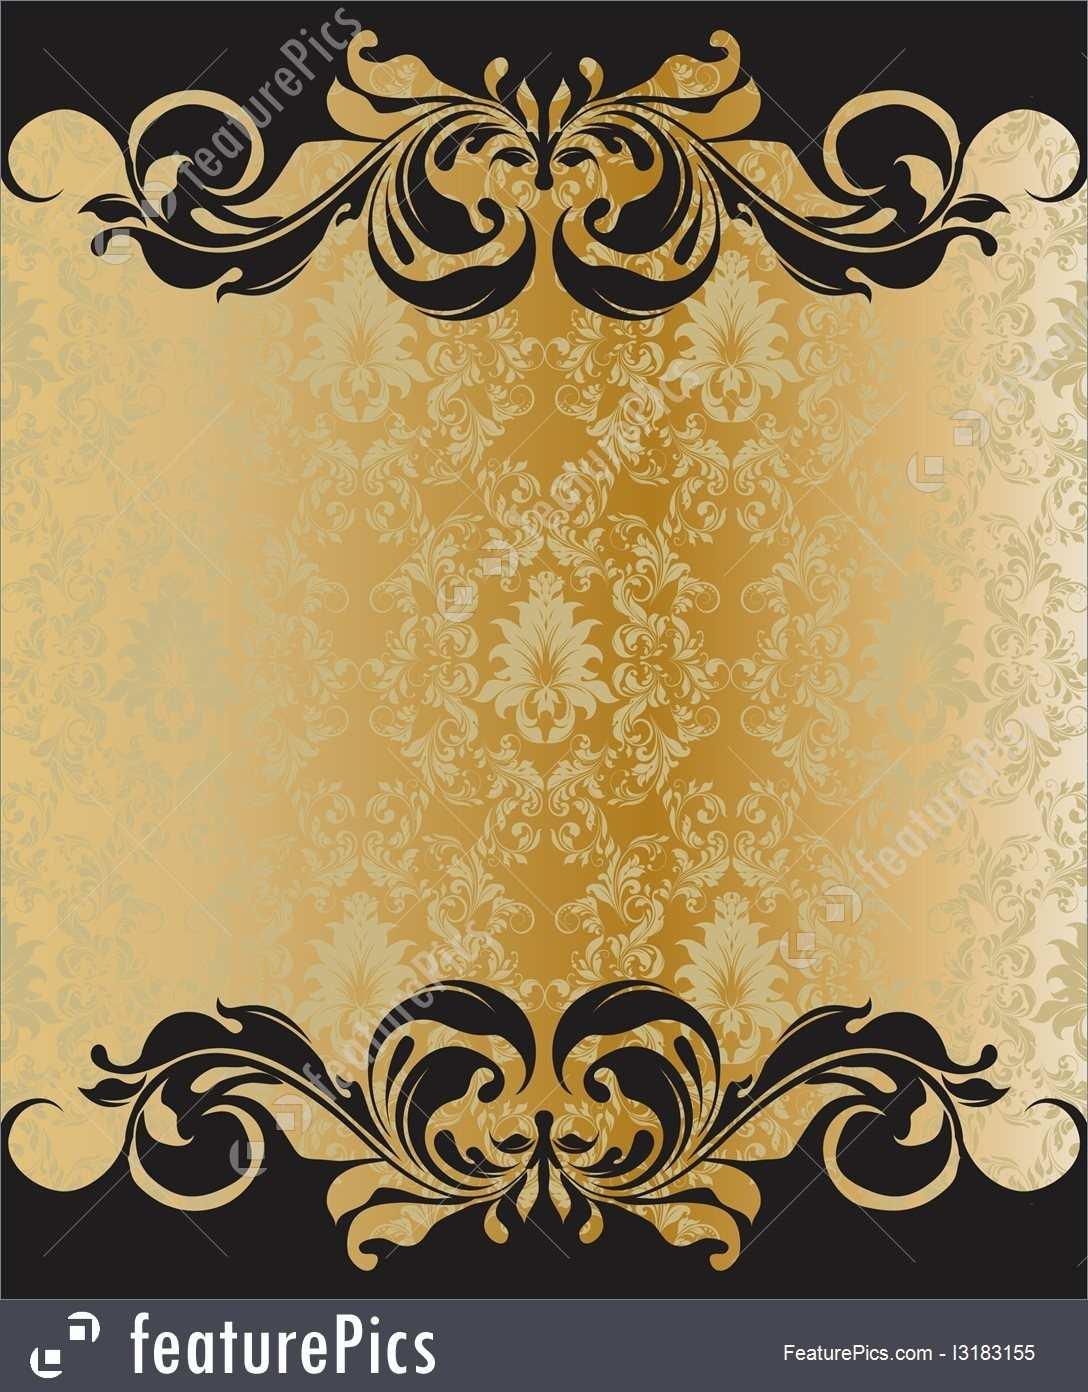 40 Creating Elegant Invitation Template Illustrator for Ms Word for Elegant  Invitation Template Illustrator - Cards Design Templates